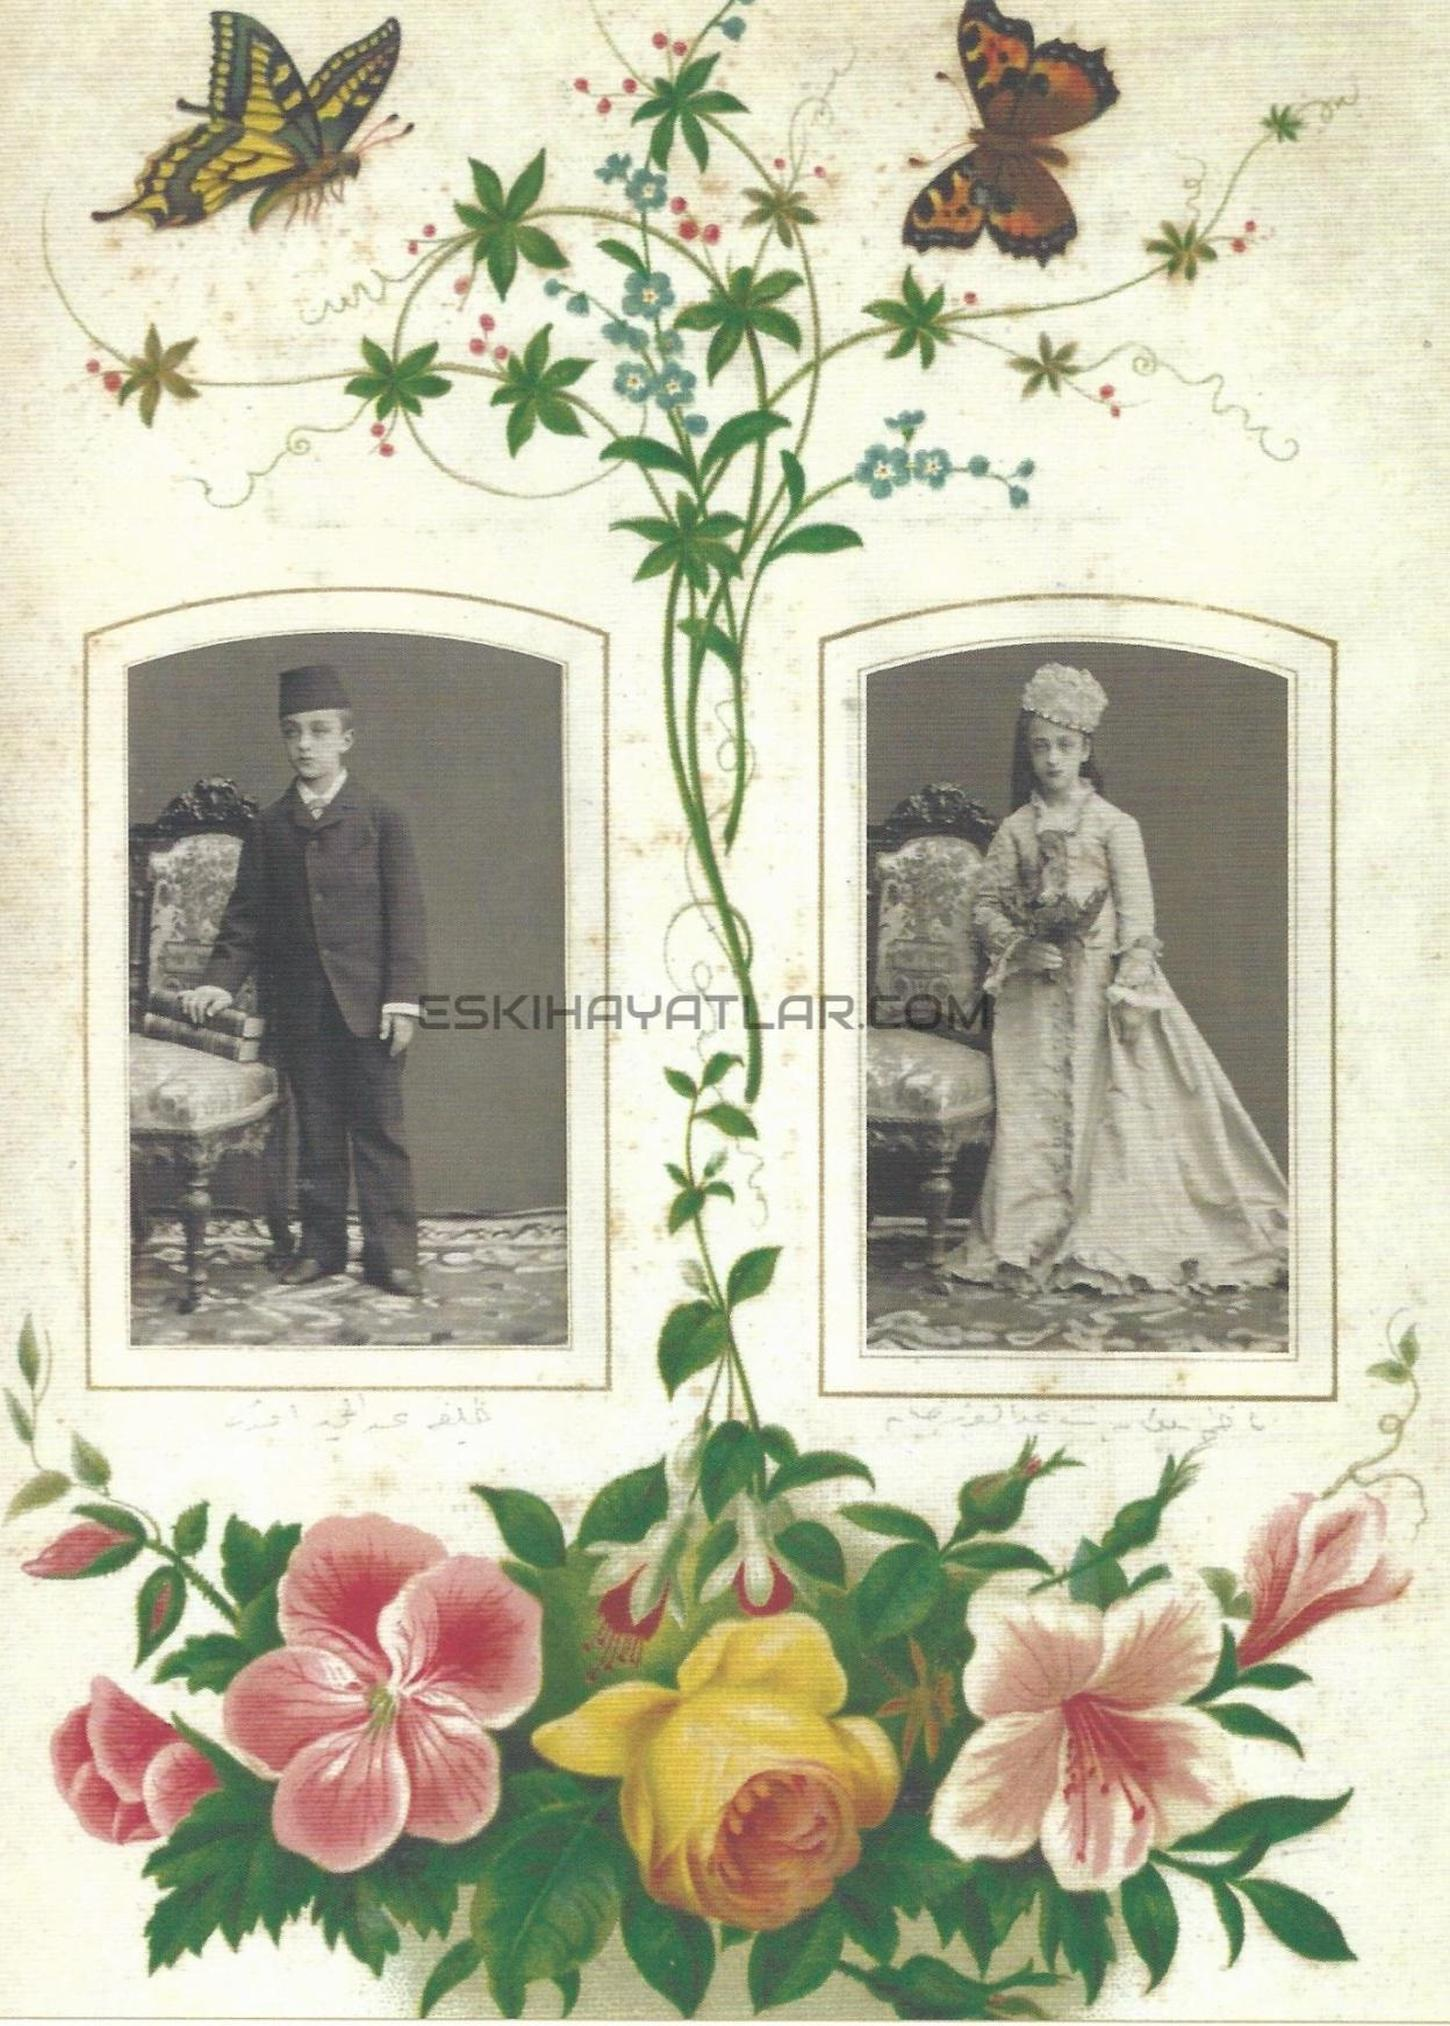 sultan-abdulhamid-in-aile-albumleri-abdullah-biraderler-fotograflari-yildiz-sarayinda-cekilen-abdulmecid-efendi-nazime-sultan